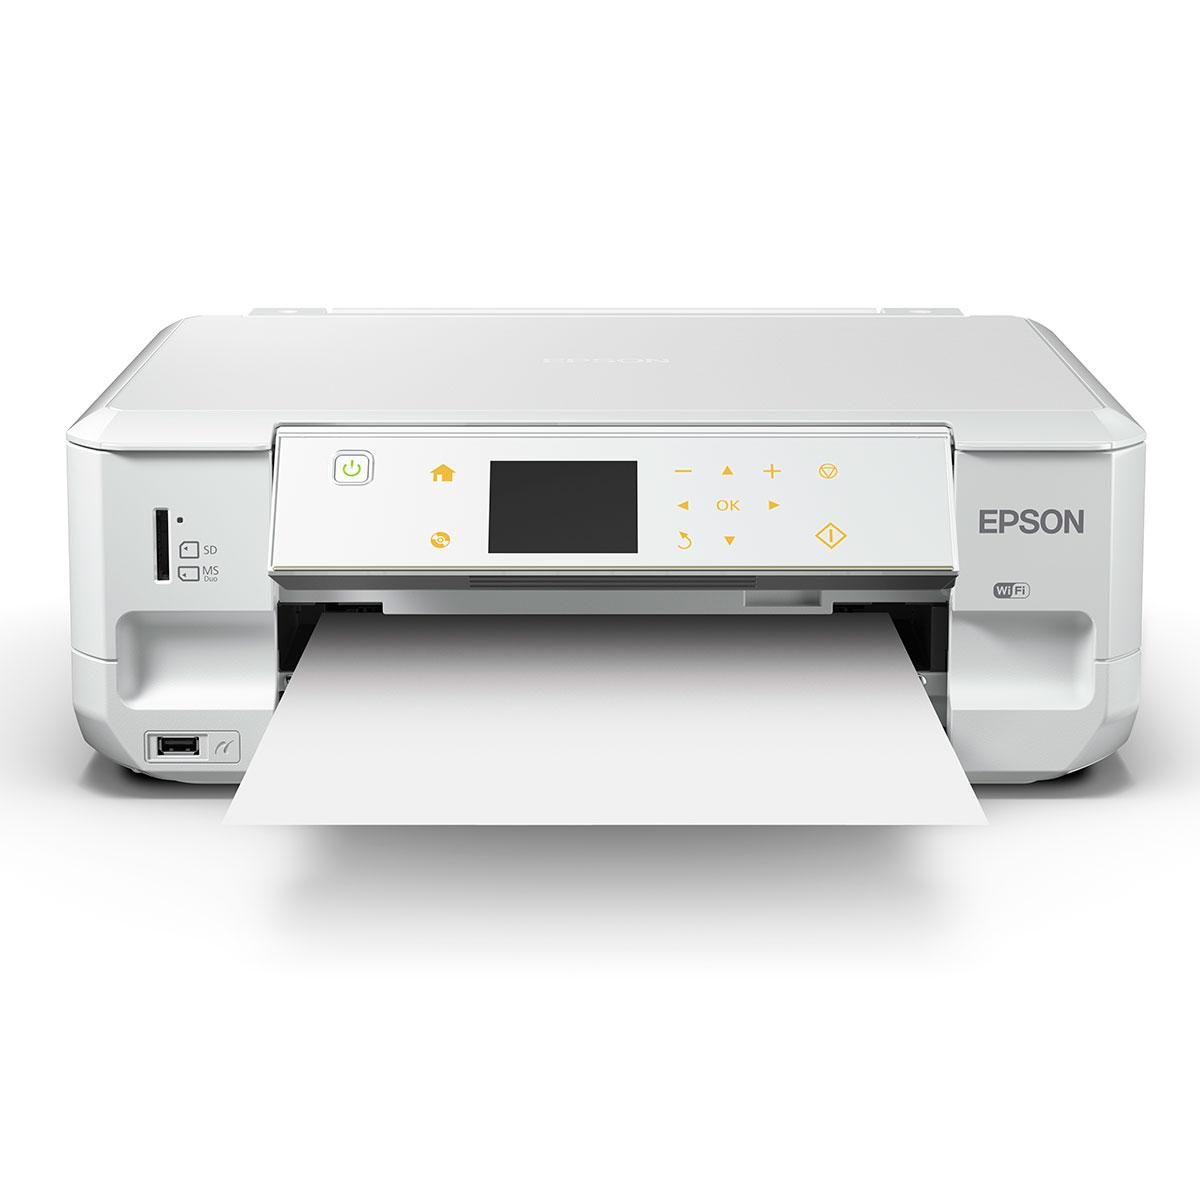 epson expression premium xp 615 imprimante multifonction epson sur. Black Bedroom Furniture Sets. Home Design Ideas